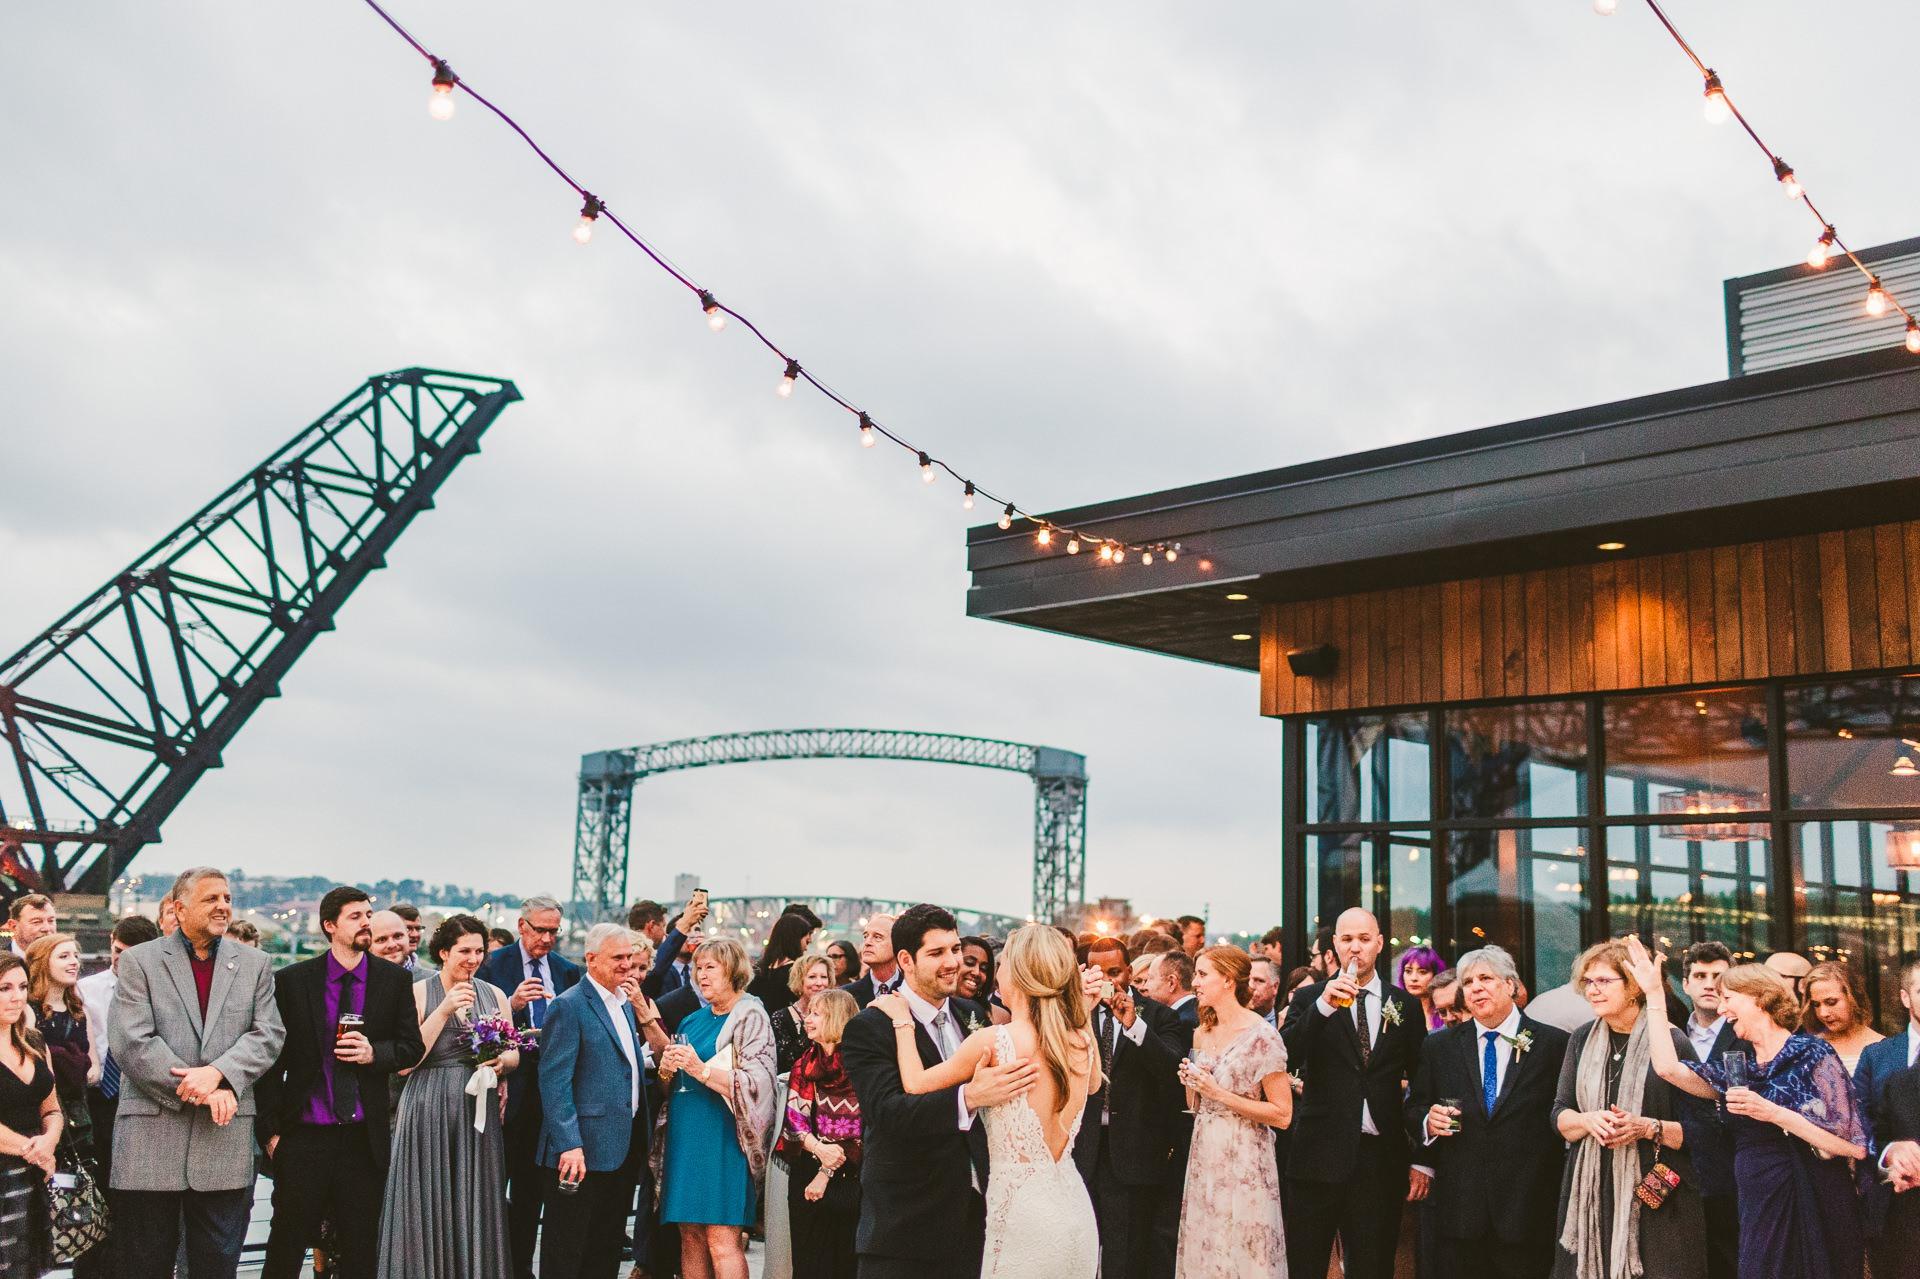 Aloft Hotel Alley Cat Oyster Bar Wedding in Cleveland 61.jpg